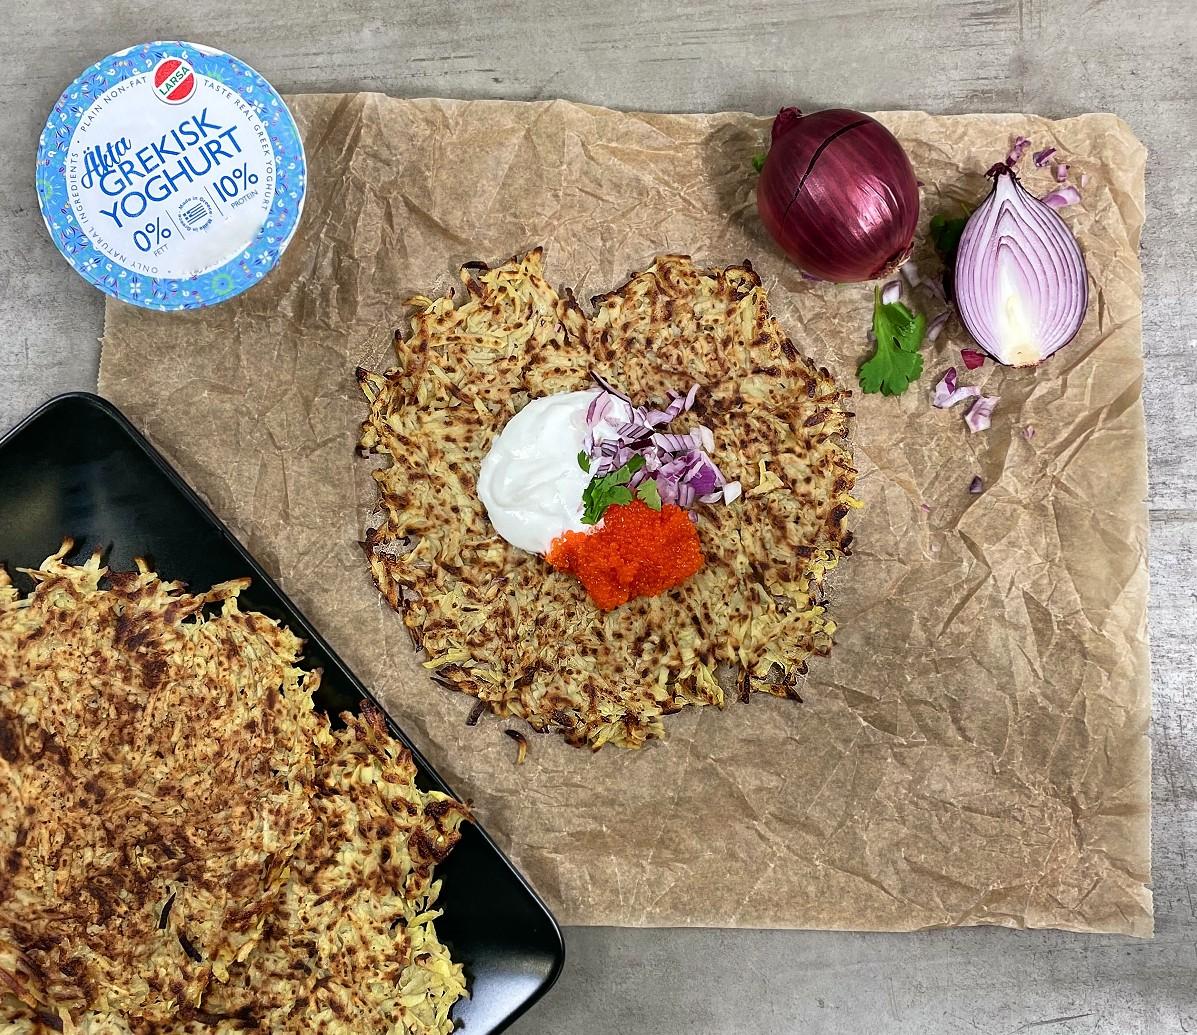 Frasiga rårakor med grekisk yoghurt. rödlök, koriander och fiskrom